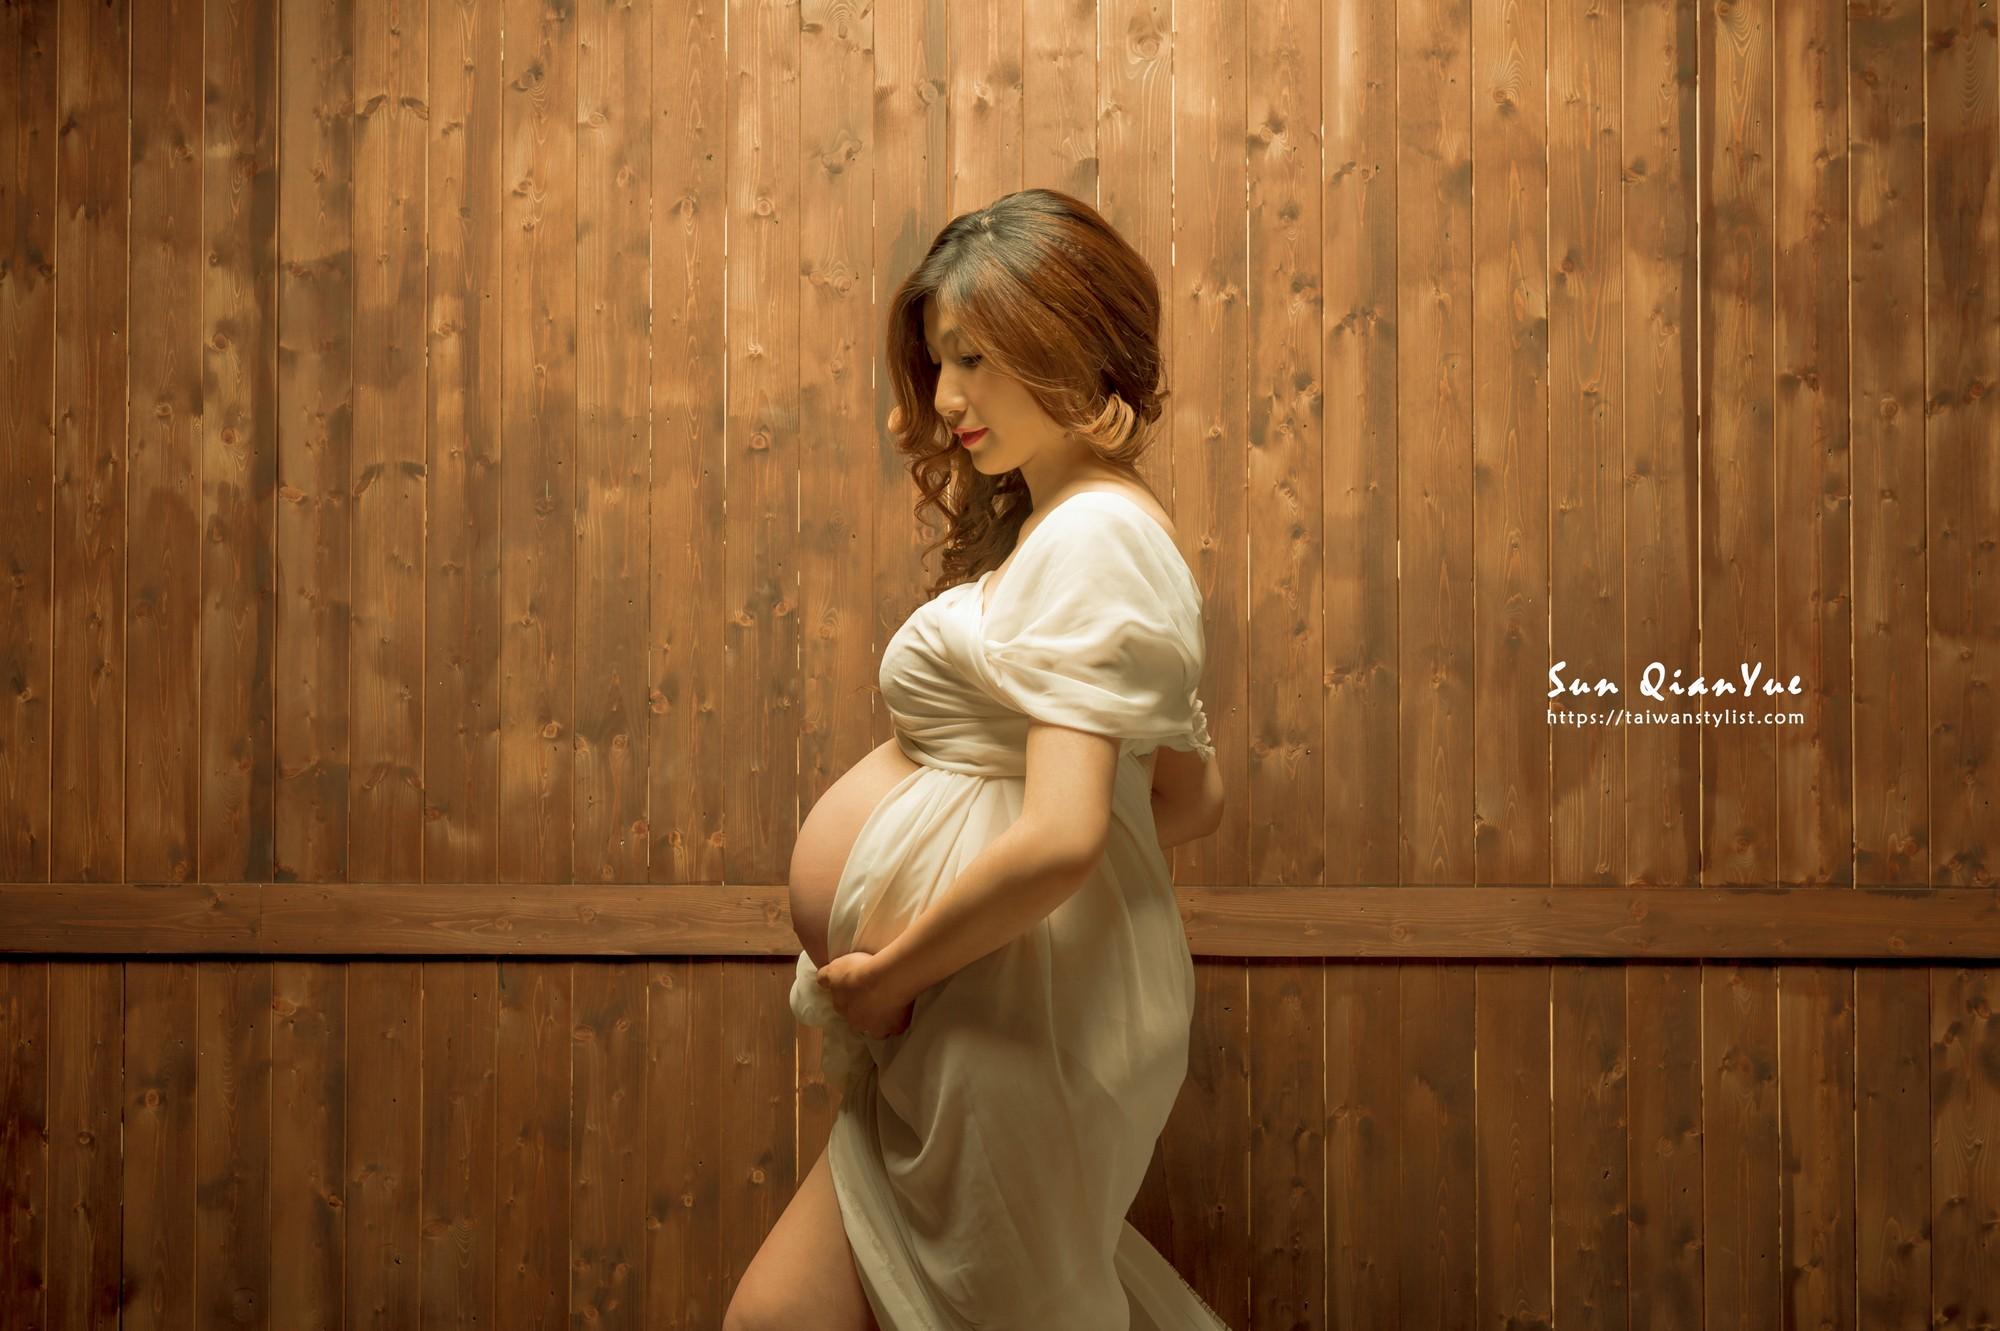 孕婦寫真,孕婦照,孕婦攝影,孕媽咪,孕婦妝,孕婦造型,孕婦妝髮,新娘秘書,新秘,造型設計